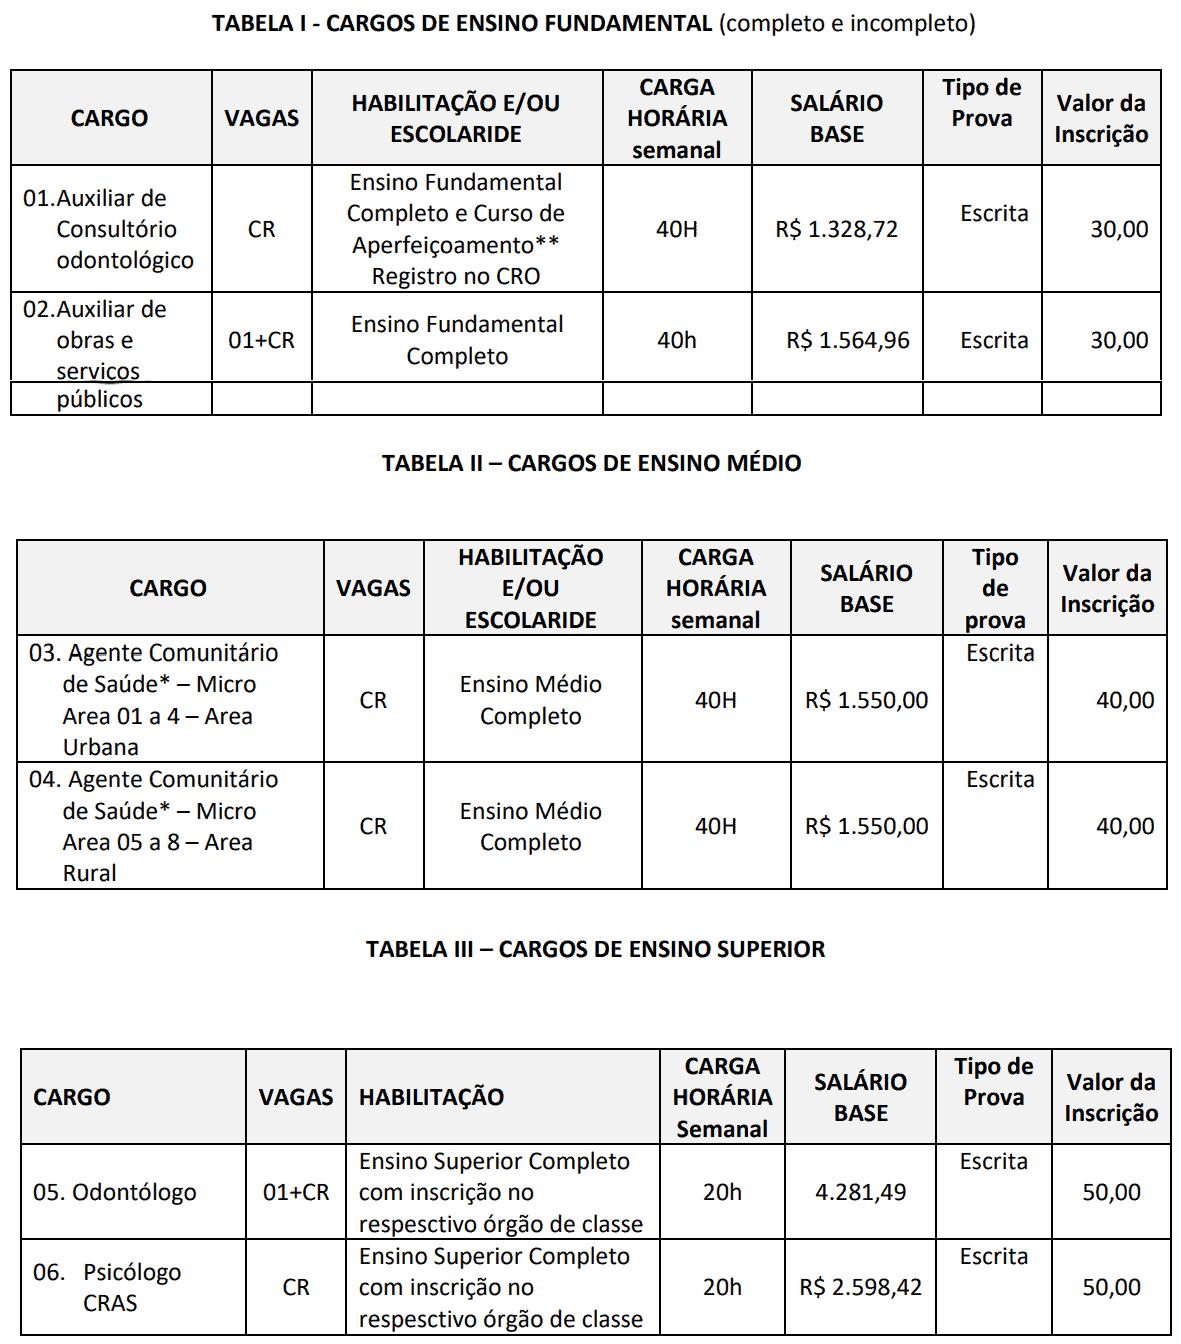 413 - Processo seletivo Prefeitura Municipal de Arroio Trinta SC: Inscrições encerradas